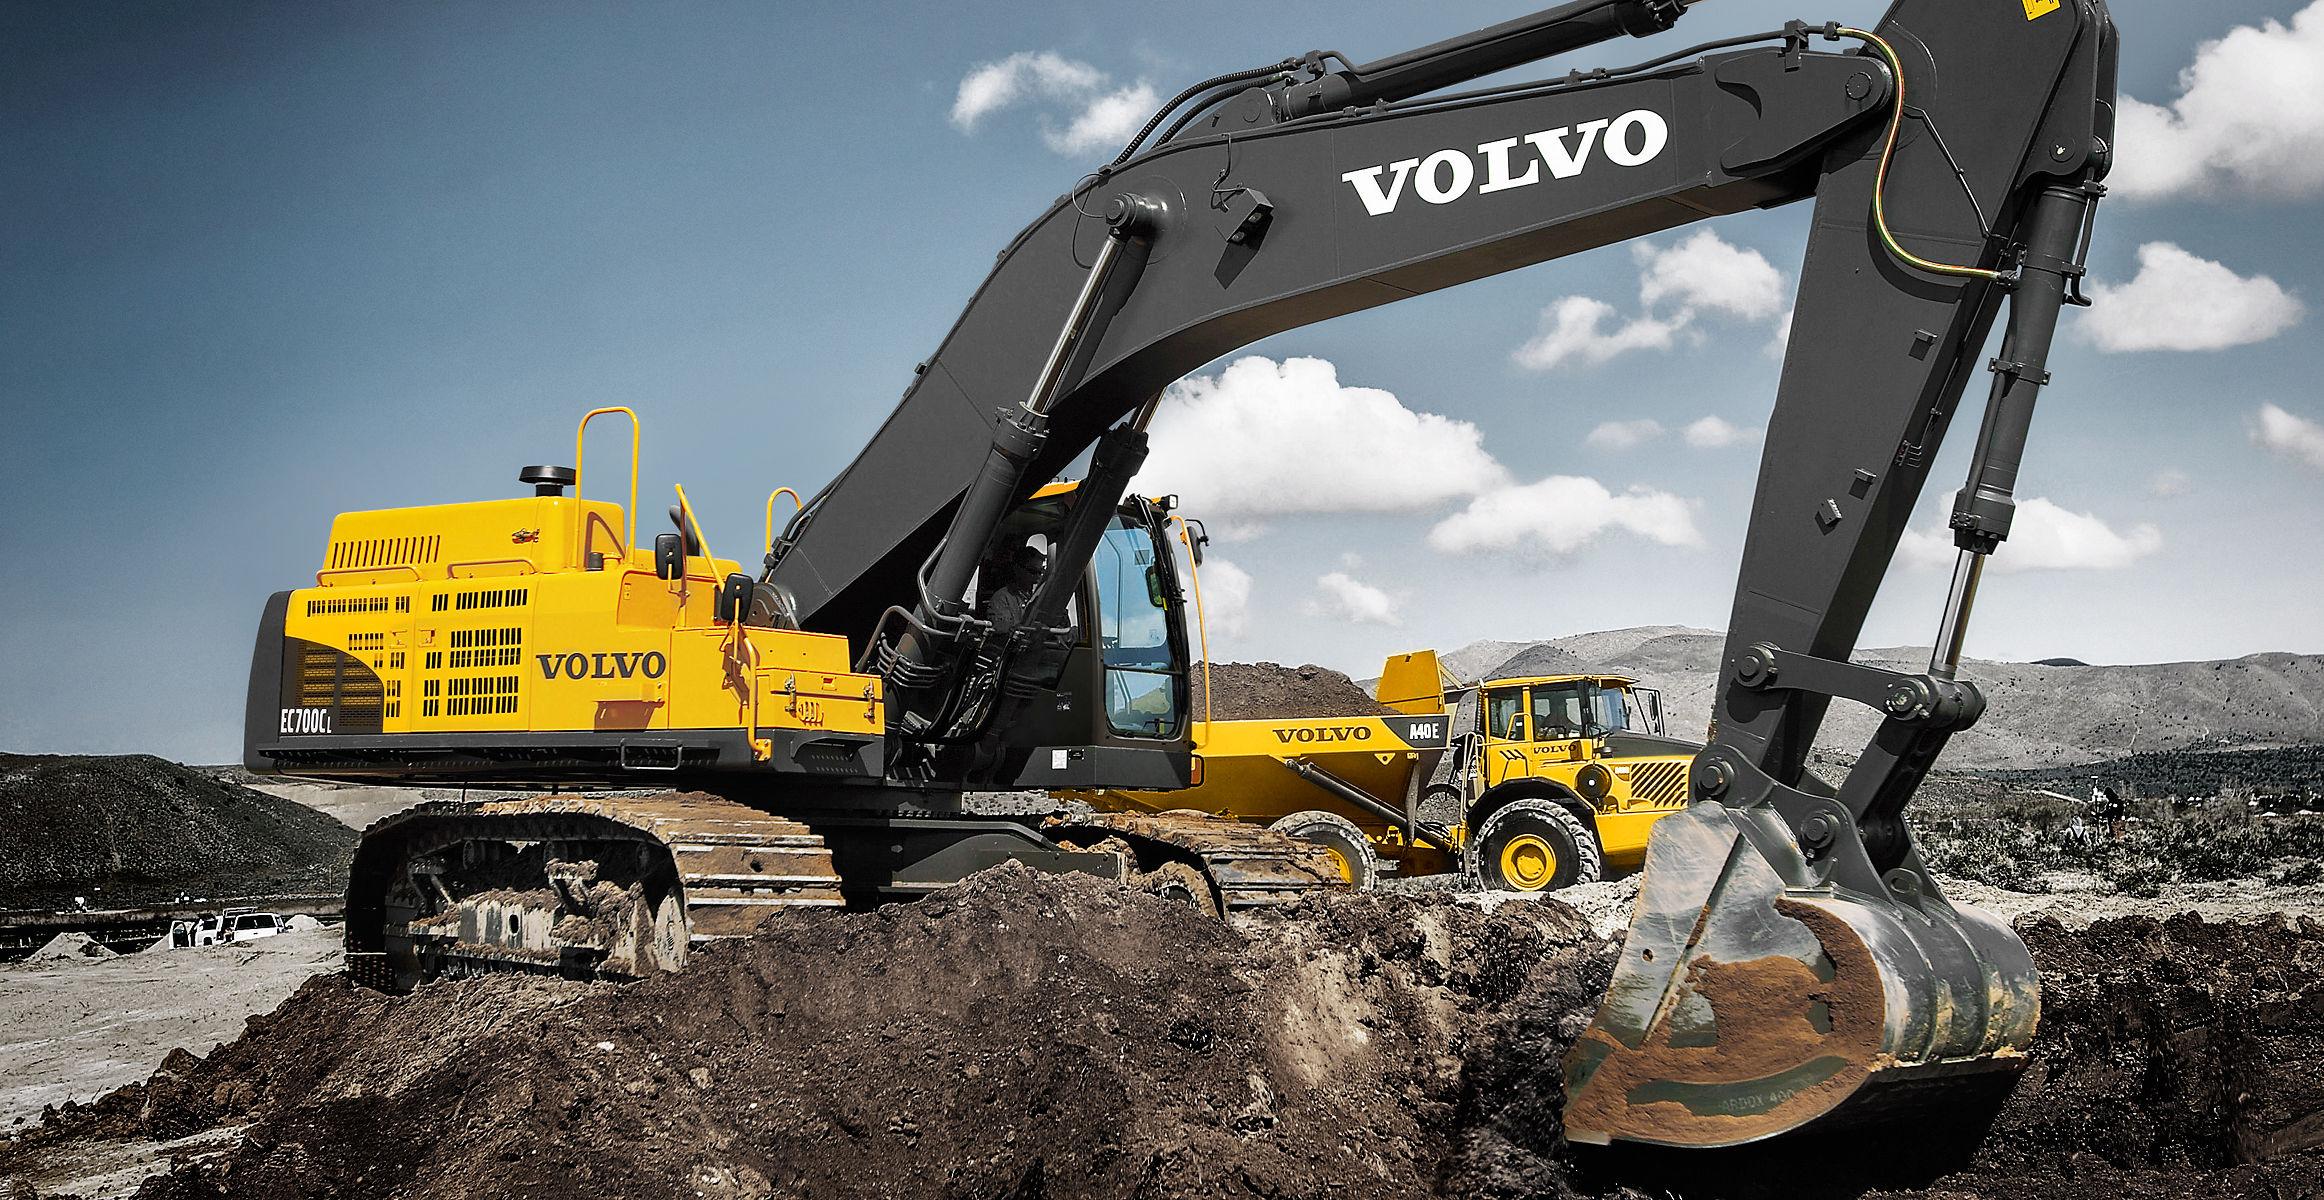 EC700CL | Crawler Excavators | Overview | Volvo Construction Equipment